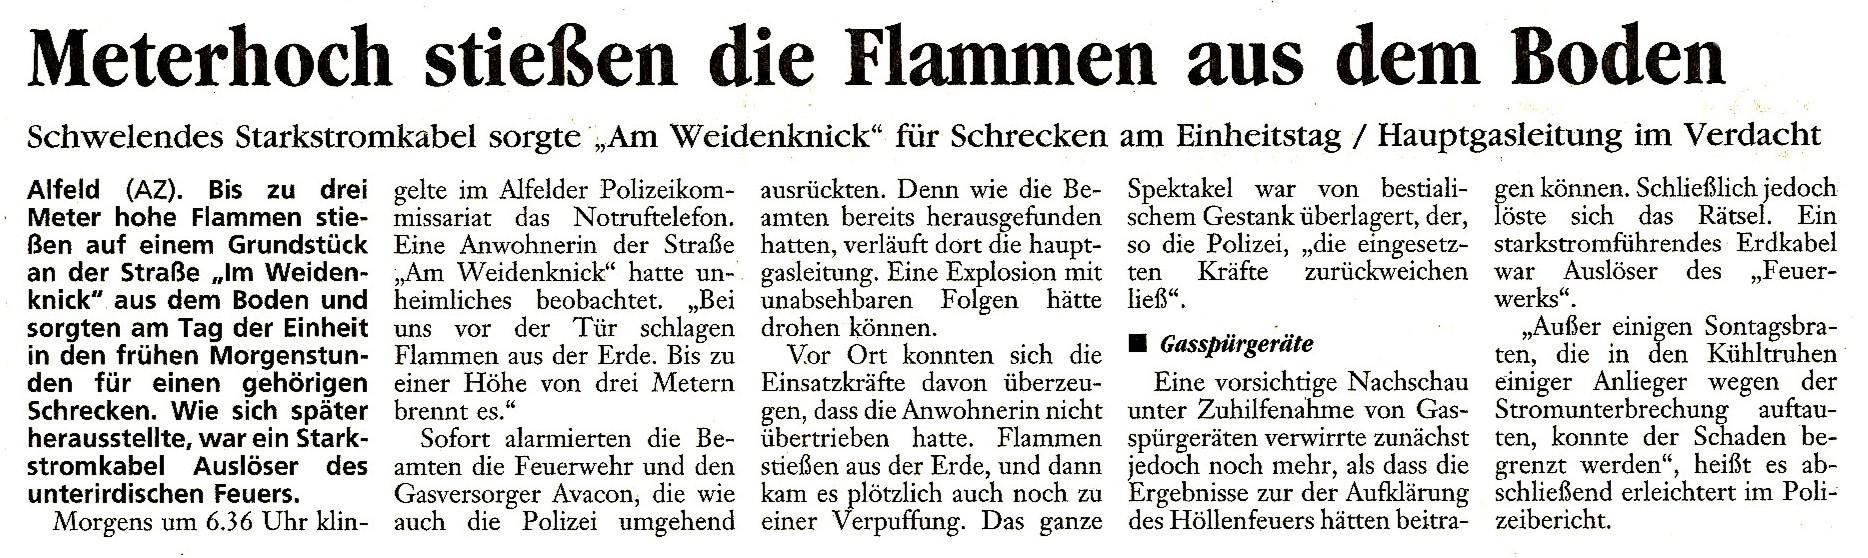 2001-10-05 Meterhoch stießen die Flammen aus dem Boden